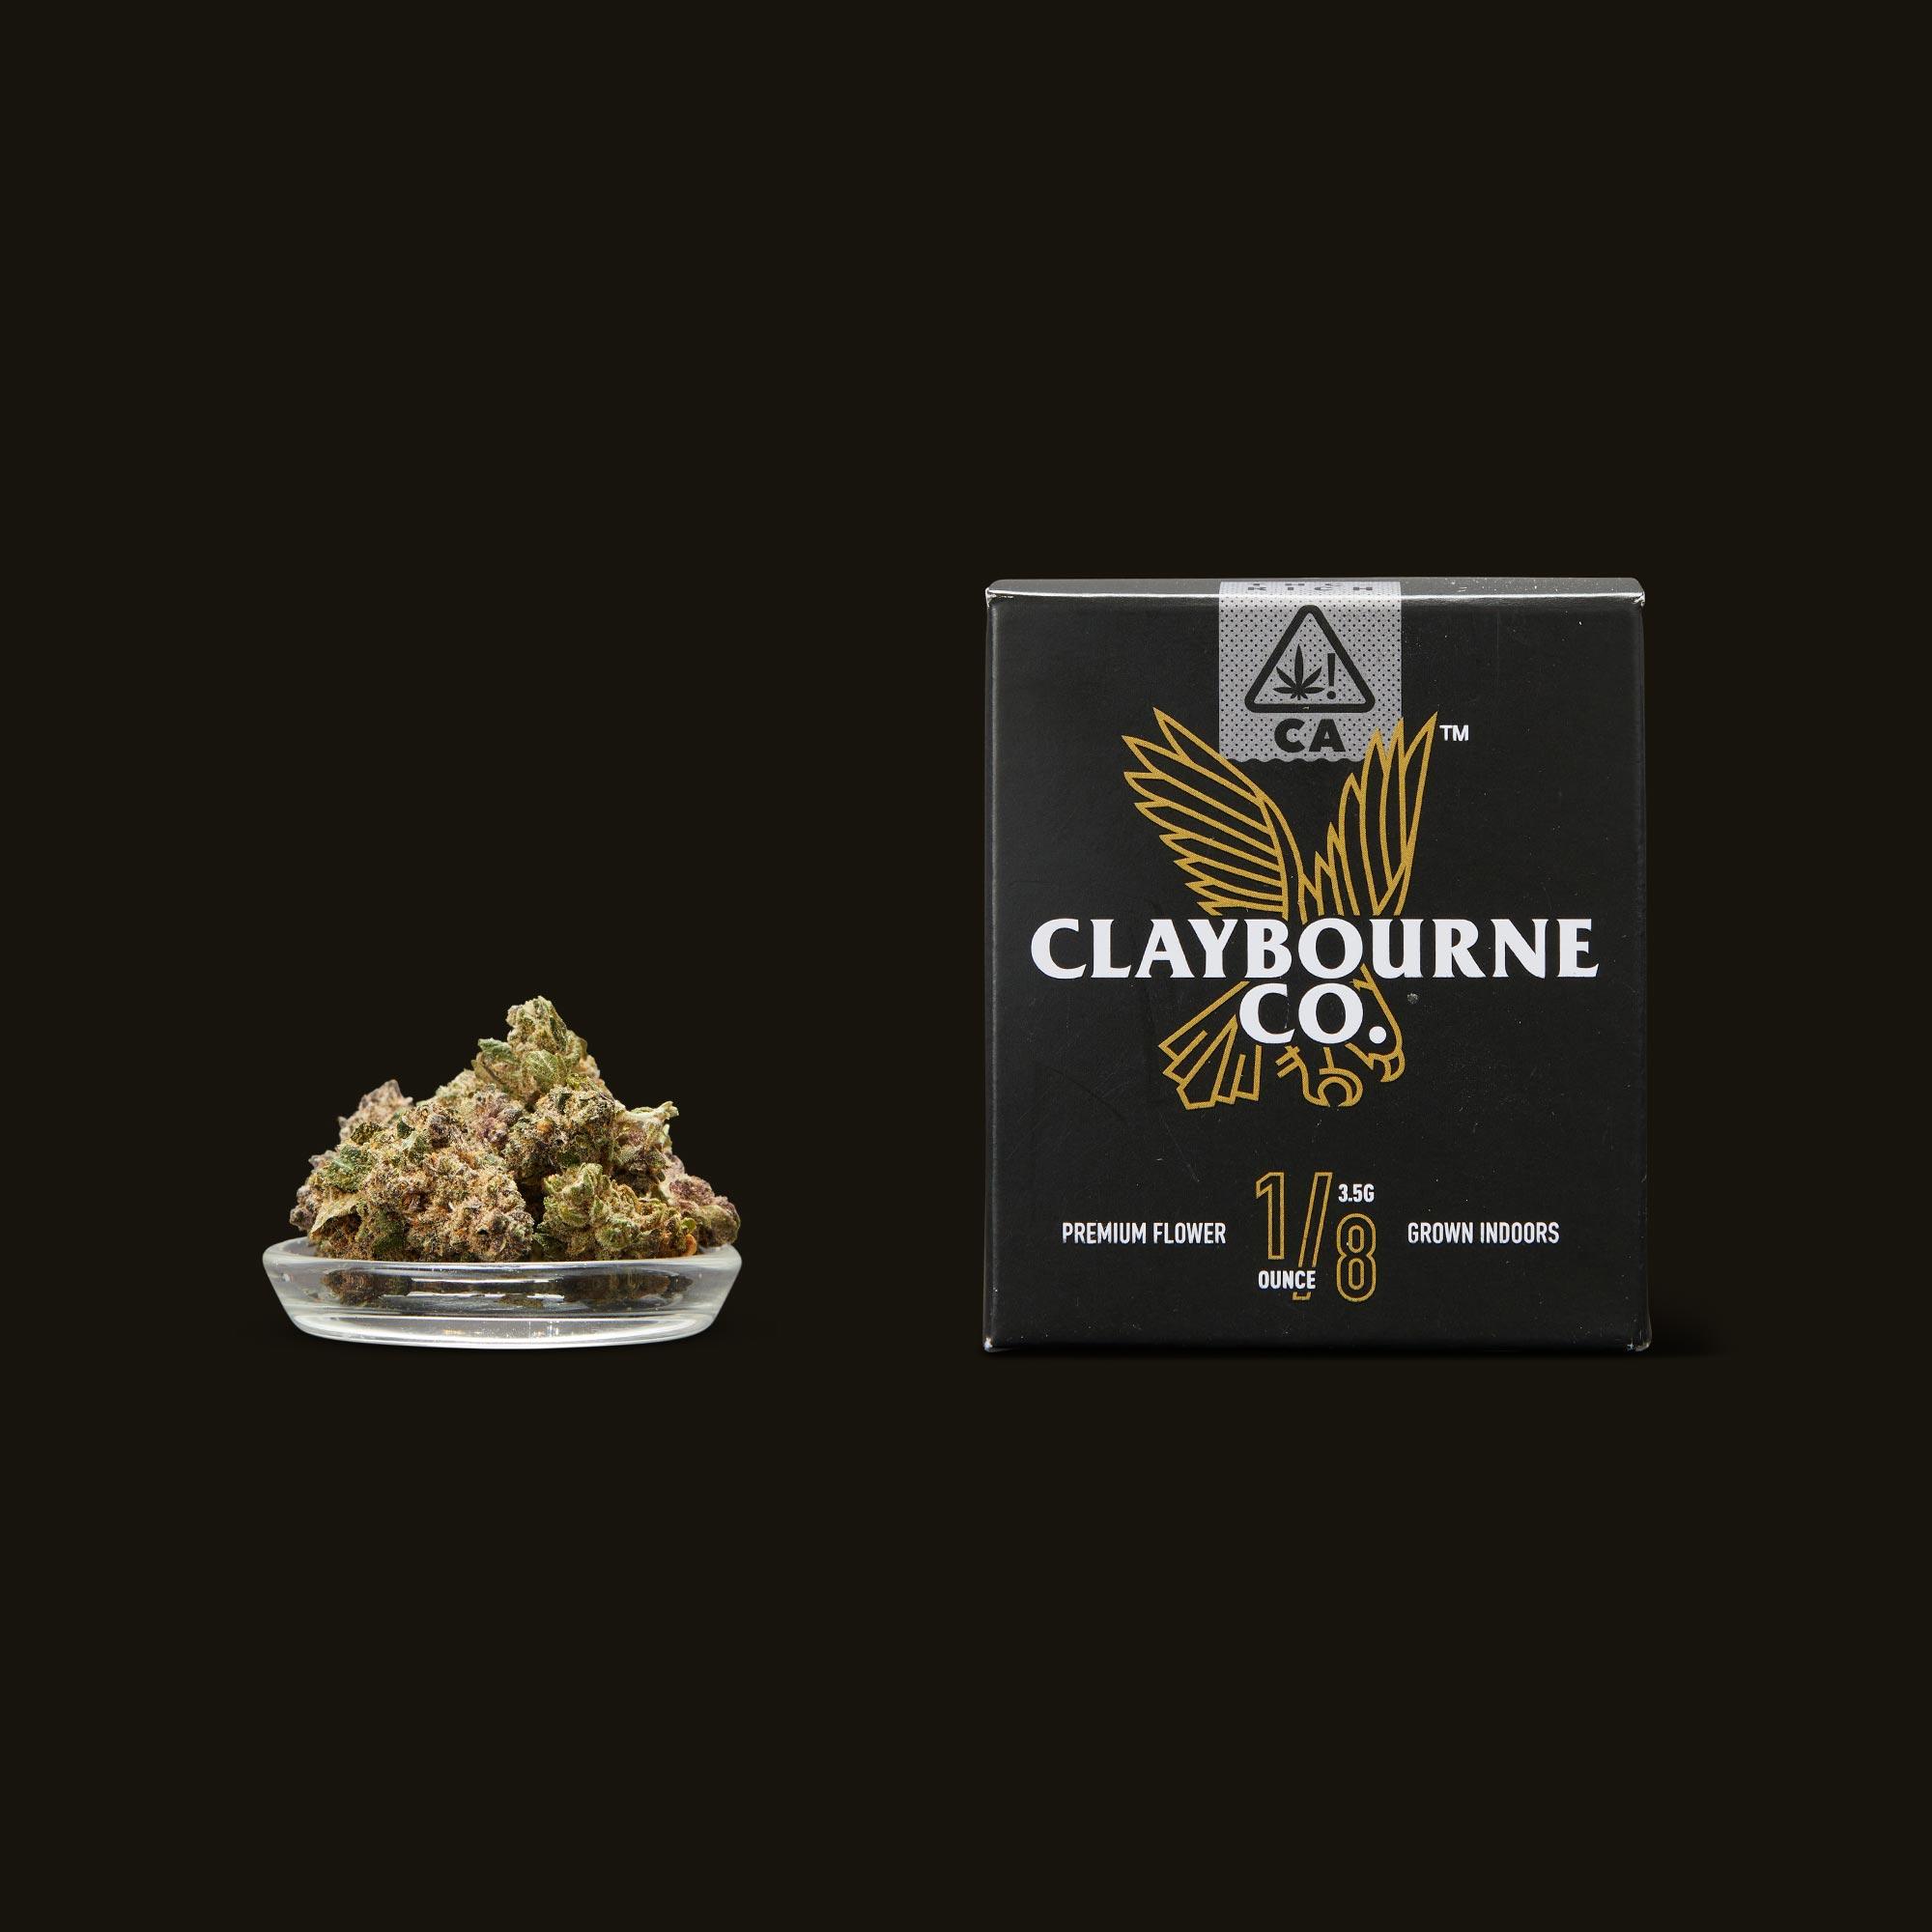 Claybourne Co. Mendo Breath